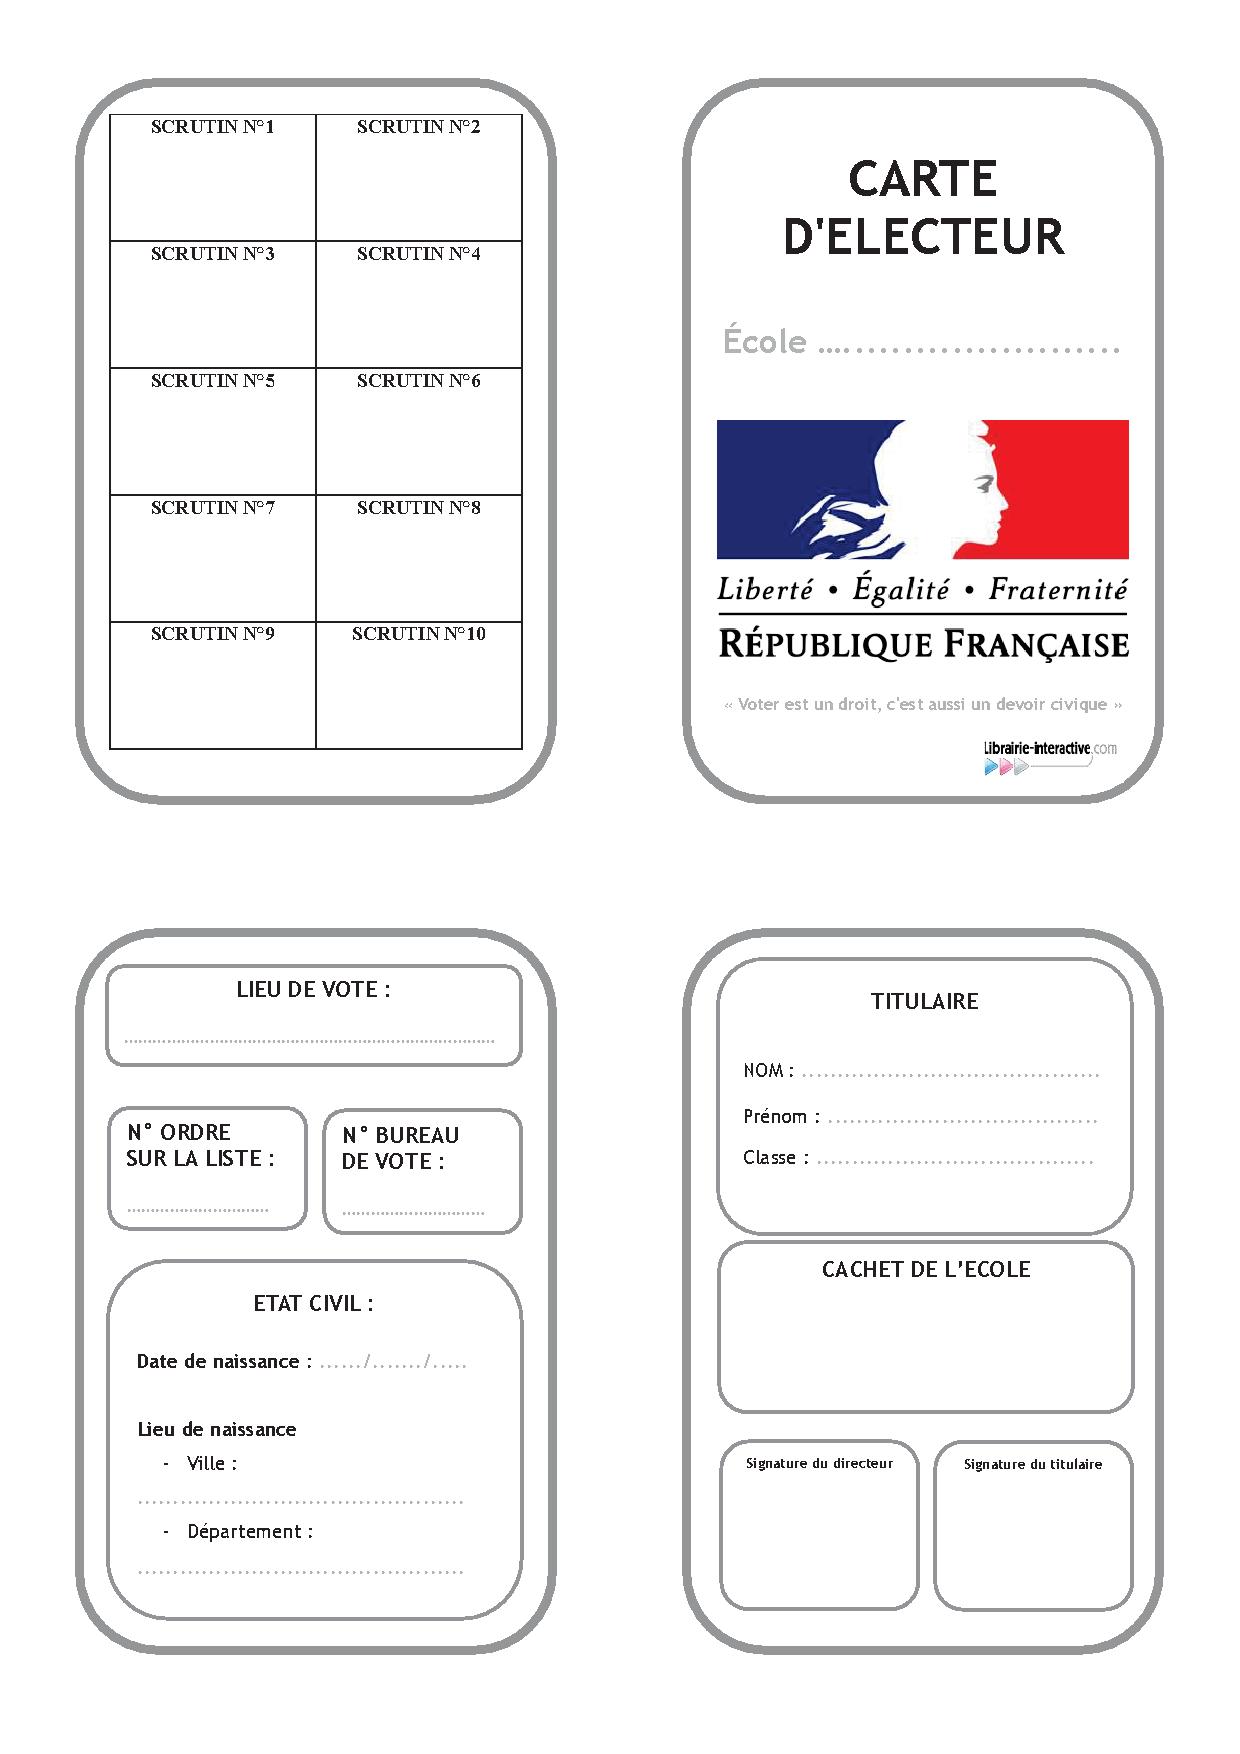 carte d électeur à imprimer Une carte d'électeur pour organiser les élections à l'école